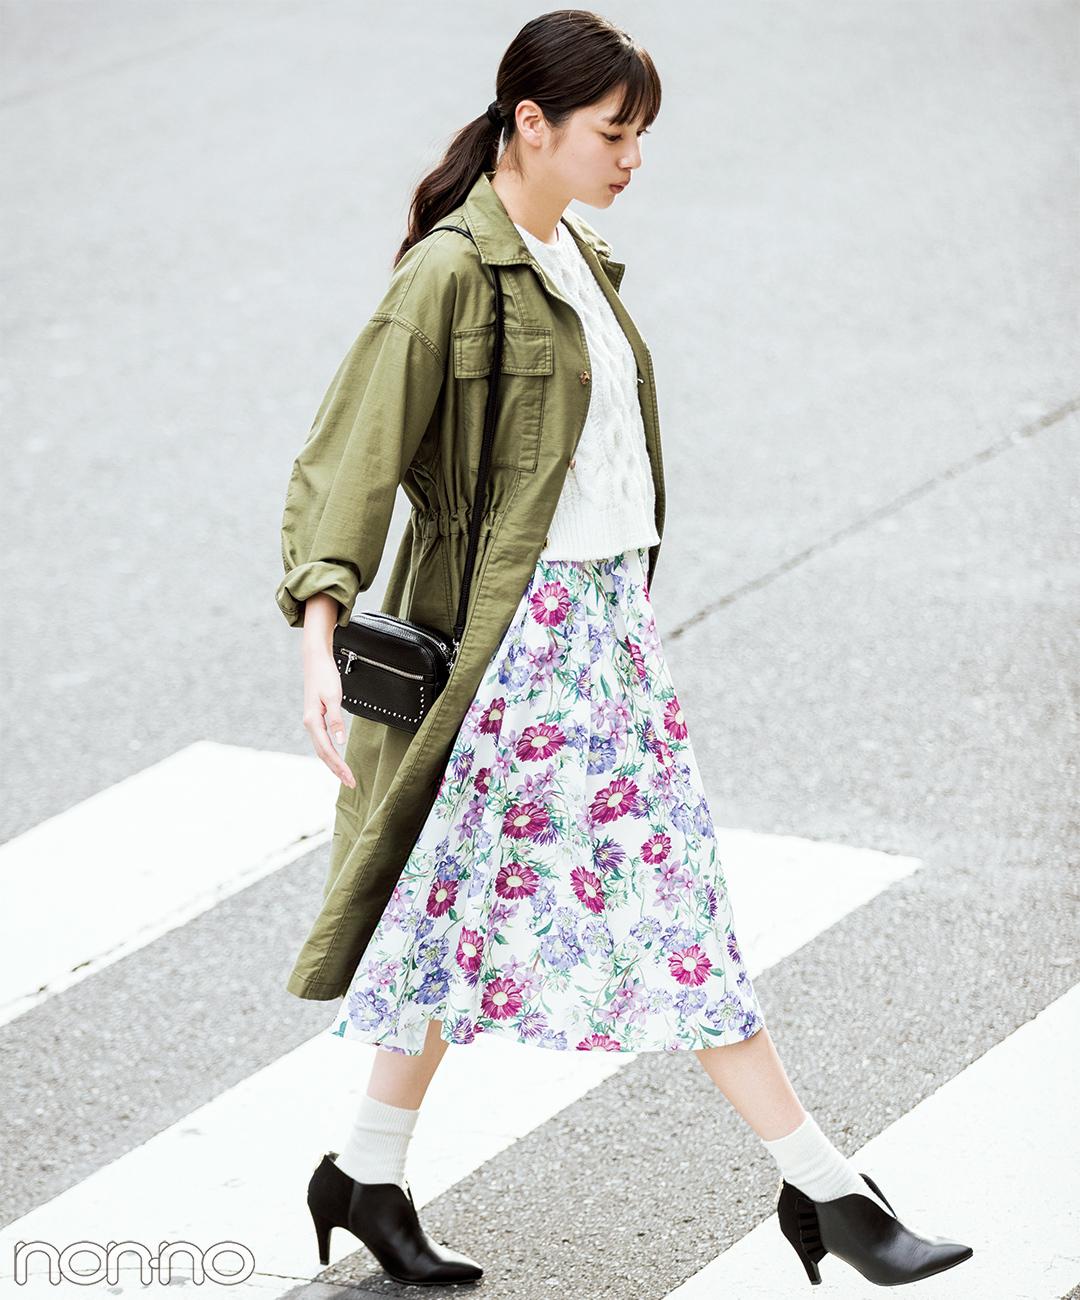 【春の花柄スカートコーデ】女子っぽ花柄スカートはカーキのワンピースを羽織って甘辛MIX★